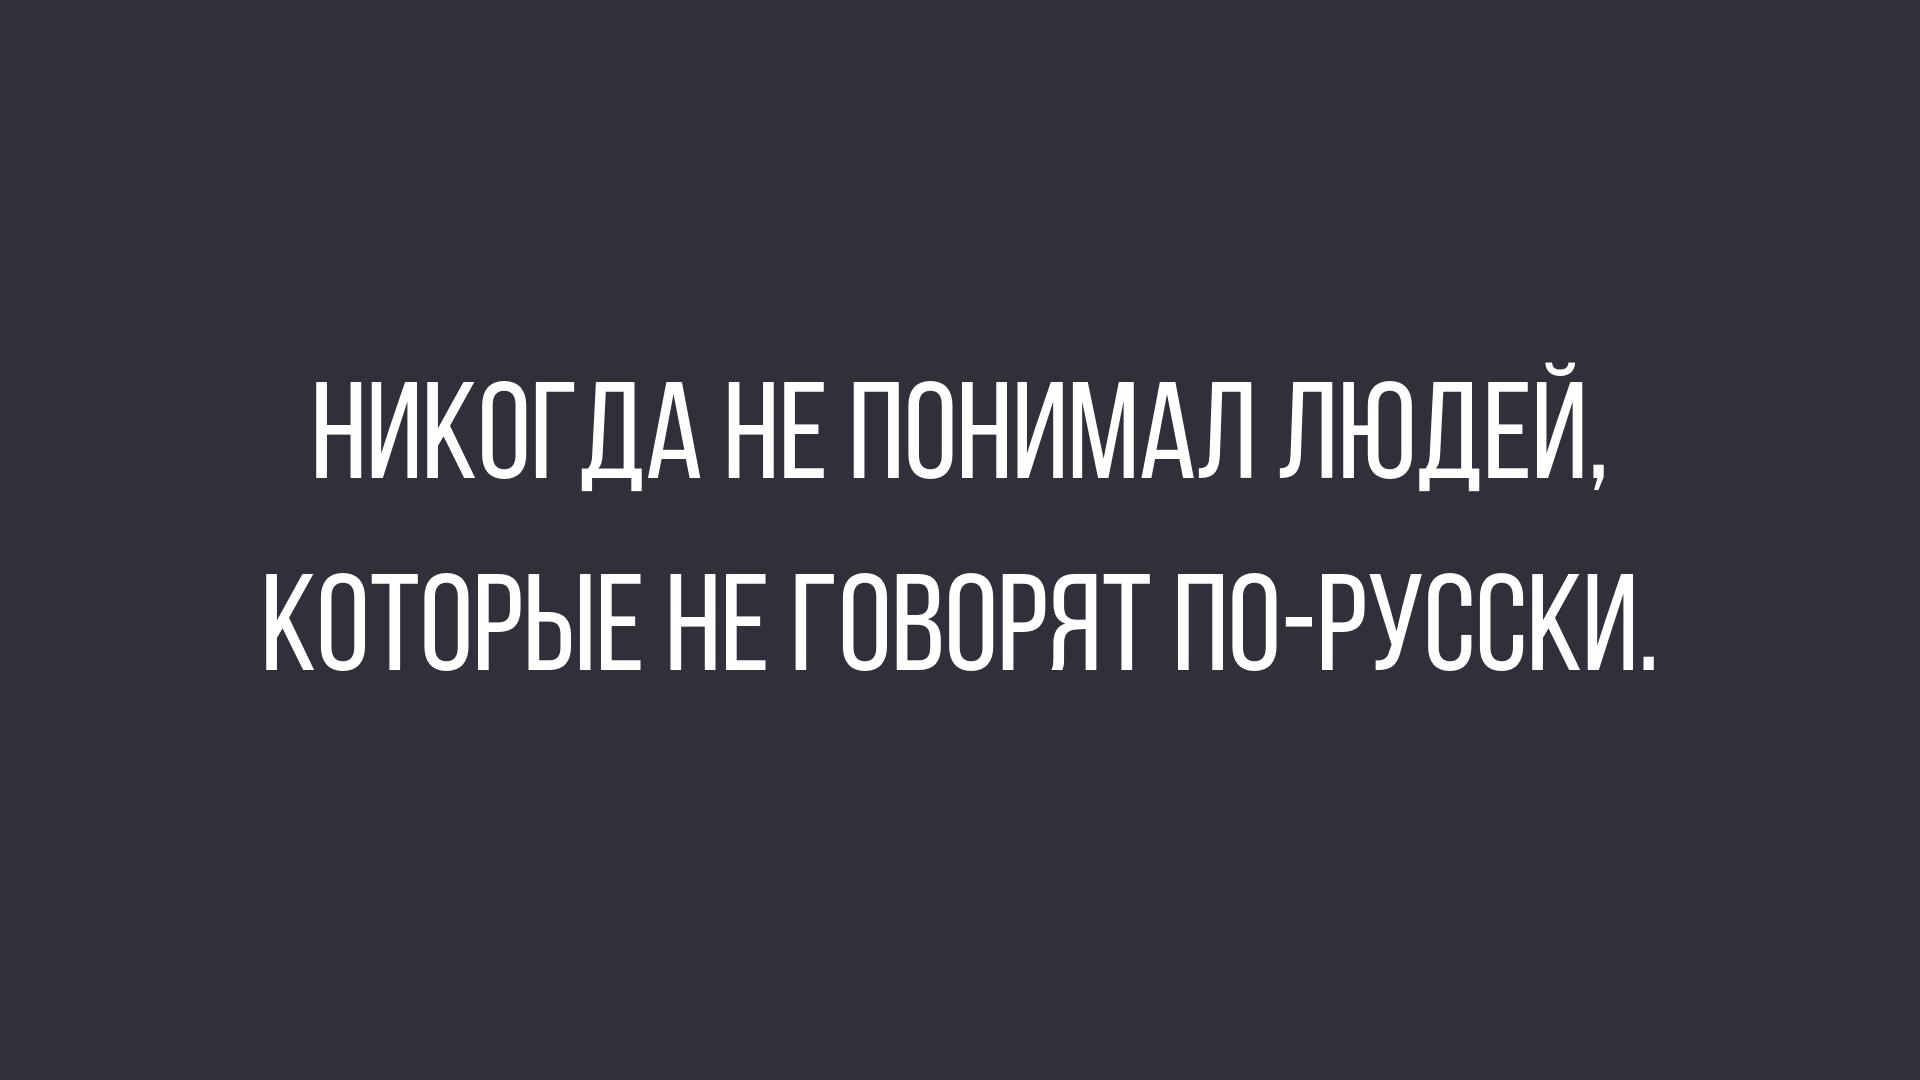 прикольная подборка анекдотов про русских